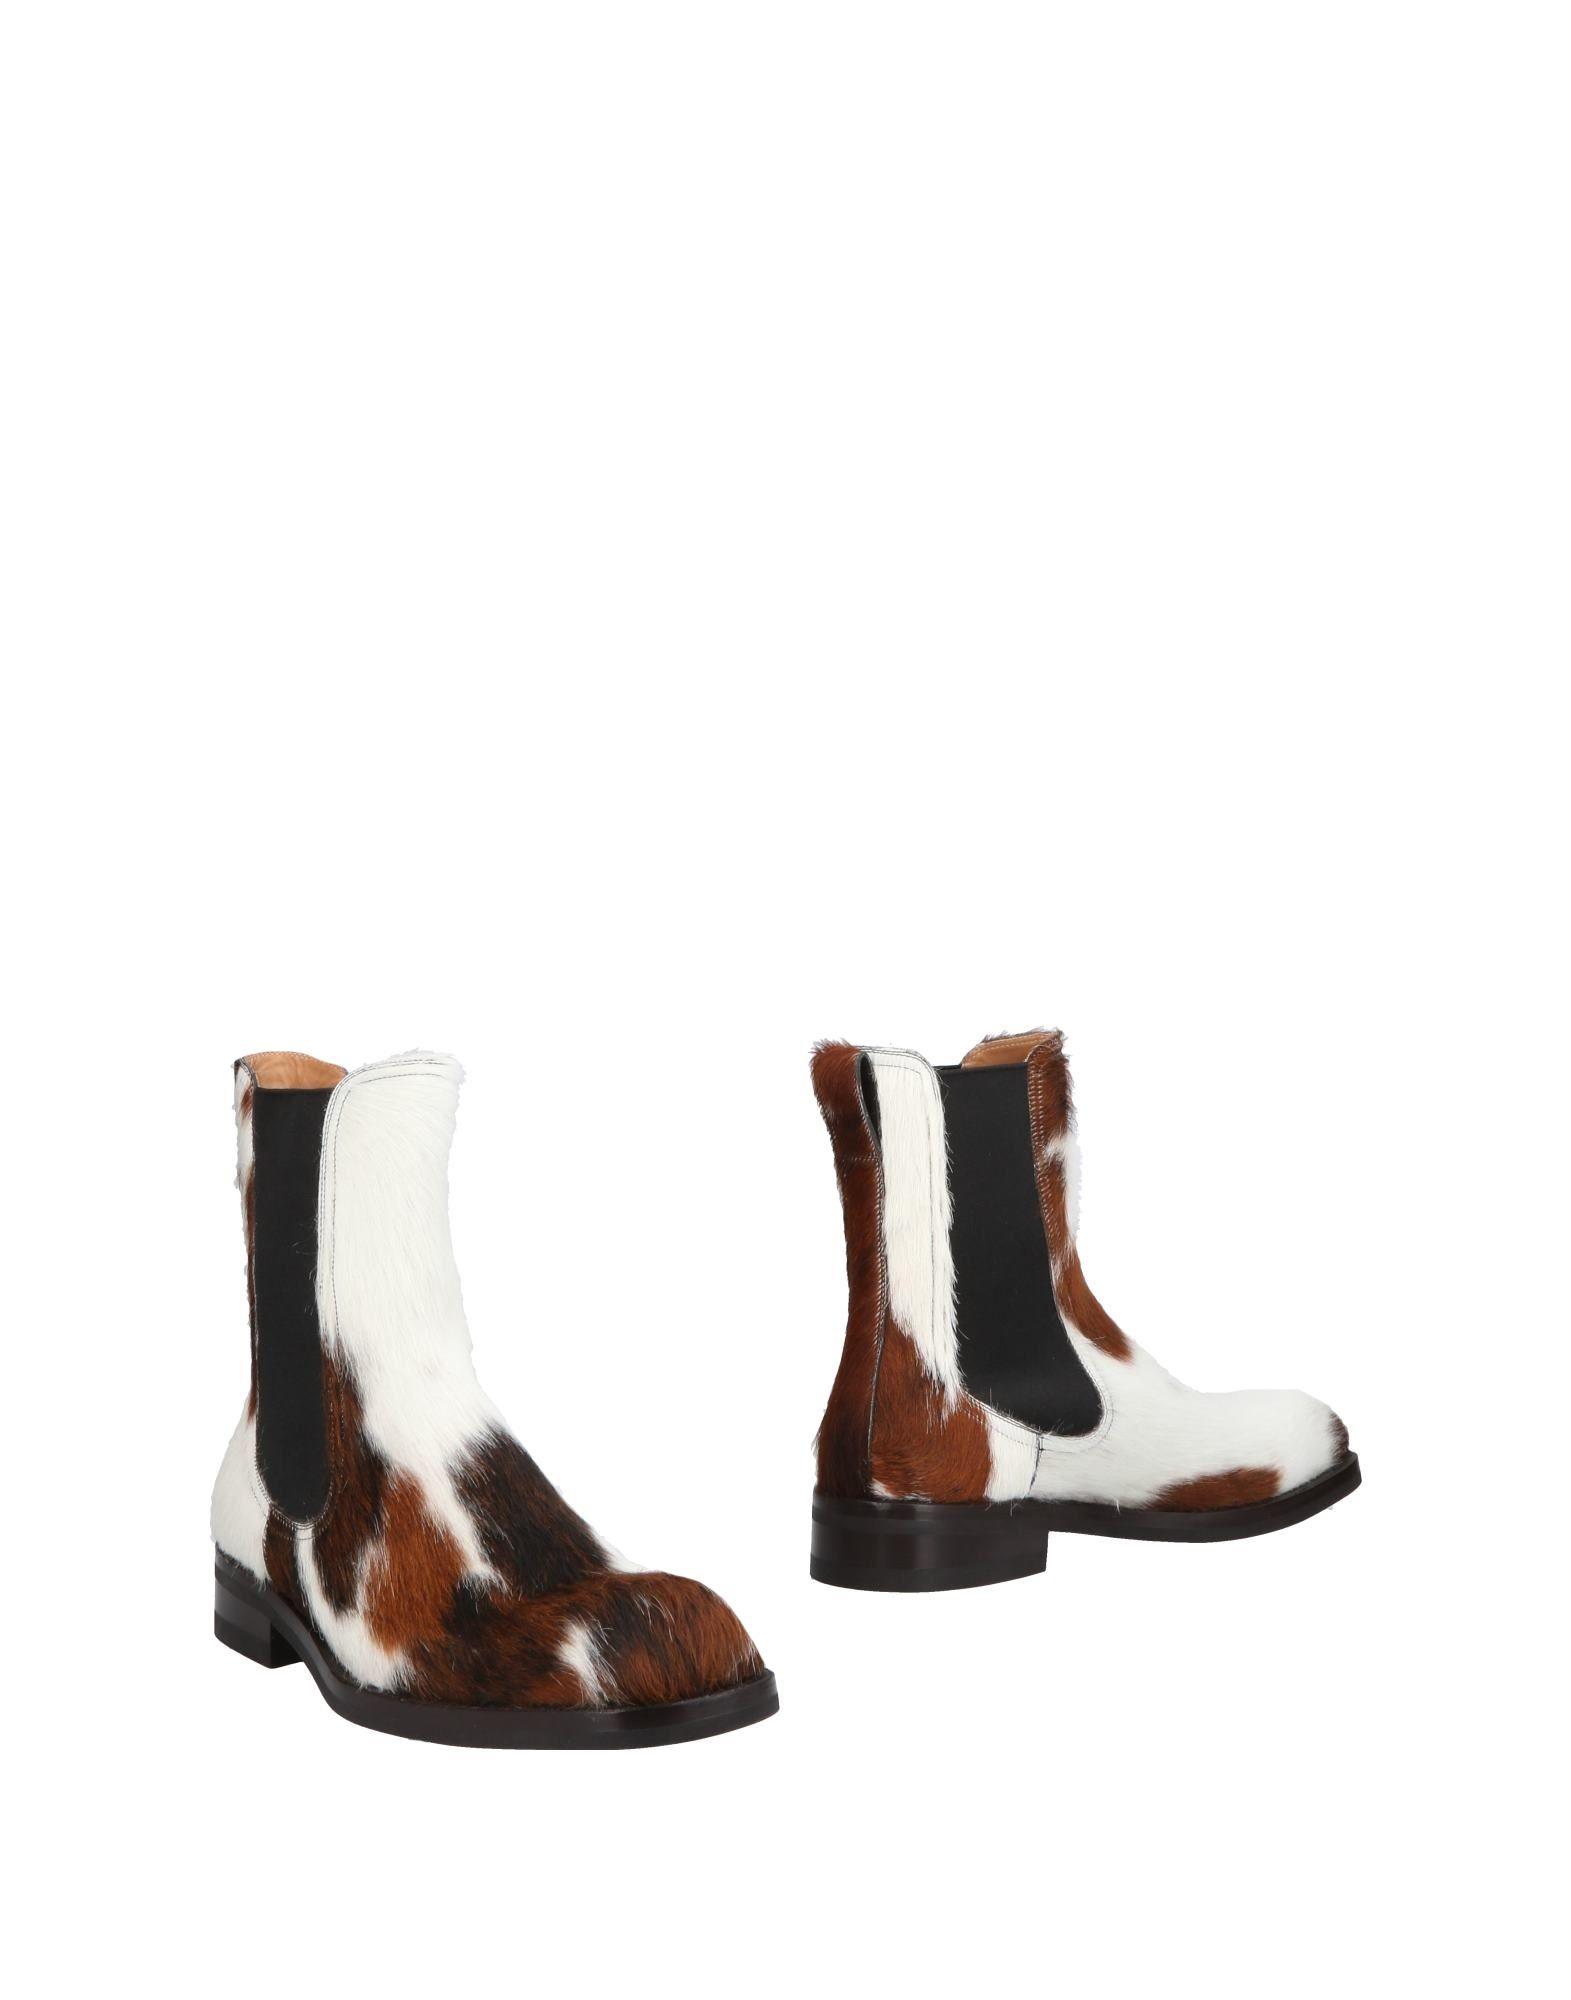 Dries Van Gute Noten Stiefelette Herren  11501410FH Gute Van Qualität beliebte Schuhe bfaf84